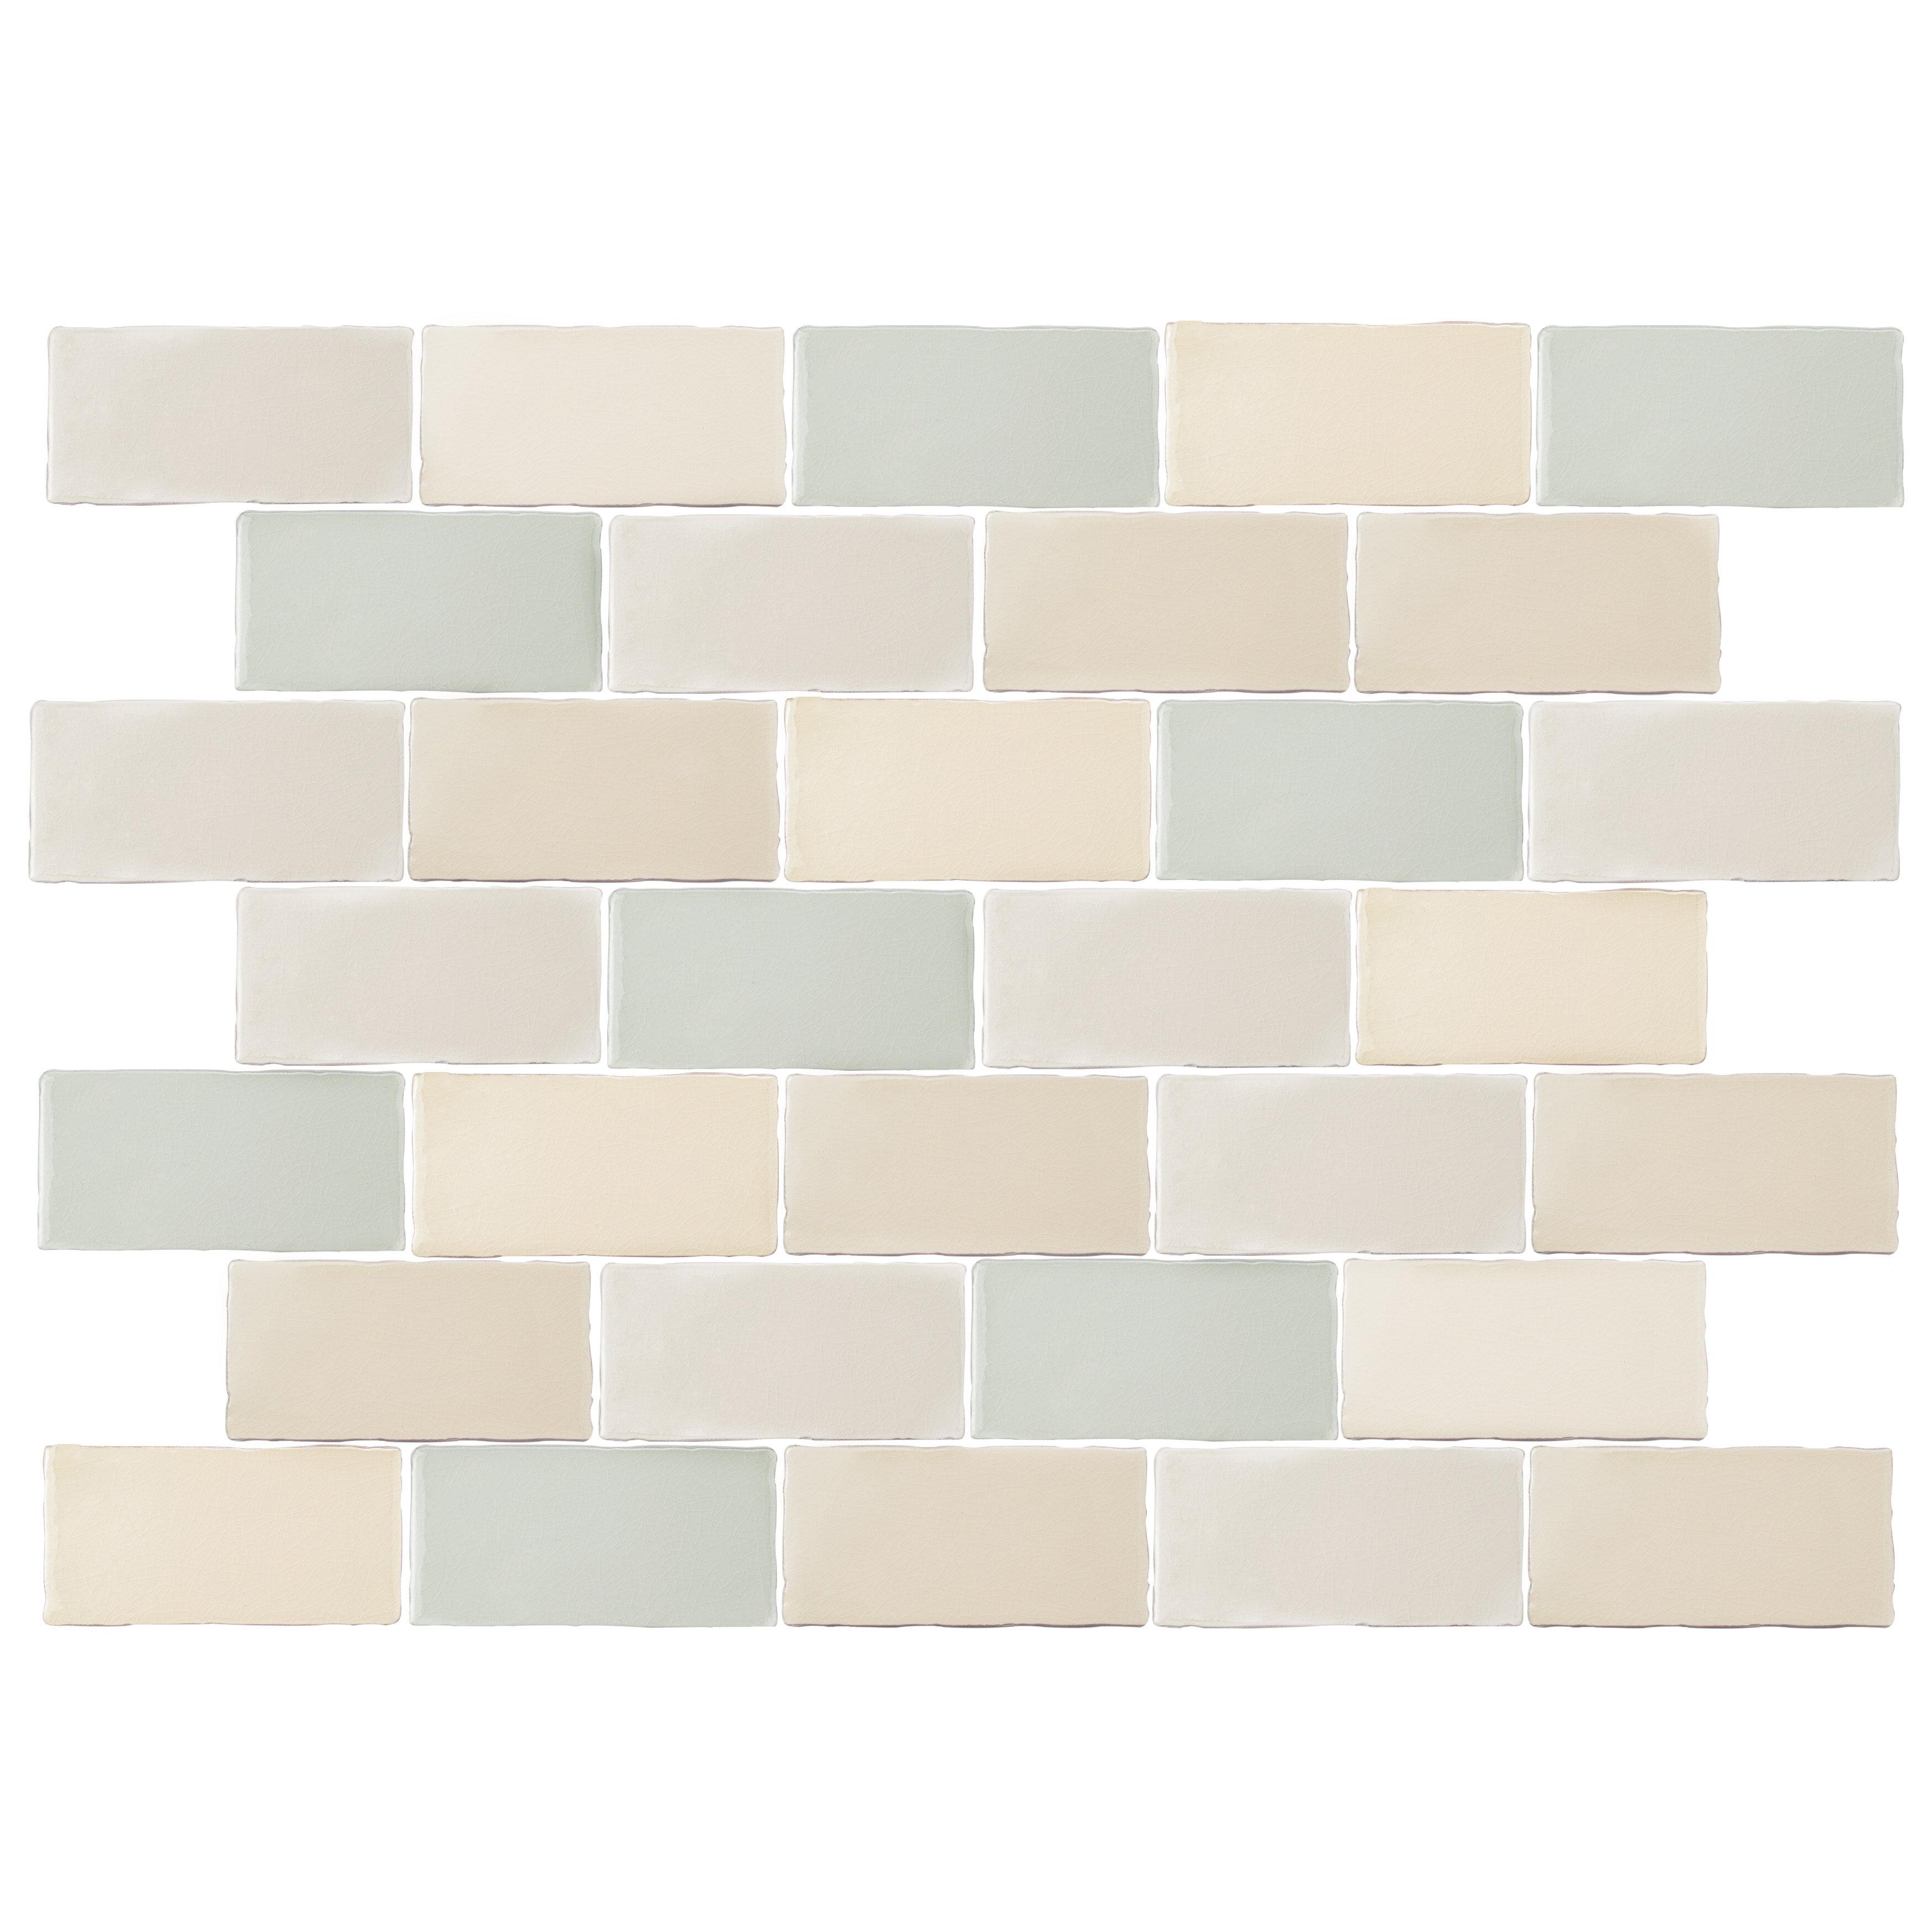 X 6 Ceramic Subway Tile